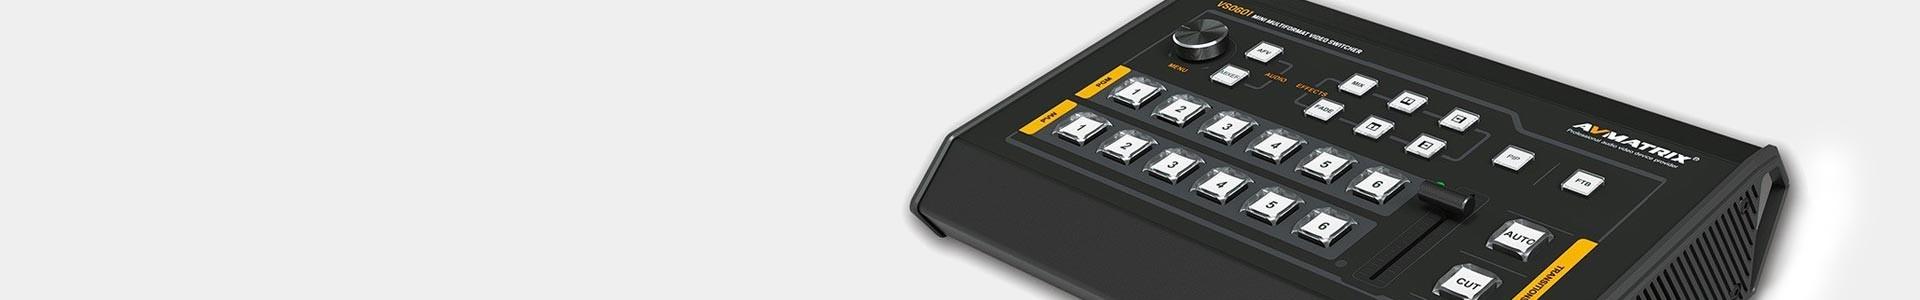 Mezcladores vídeo AVMatrix - Calidad y buen precio - Avacab